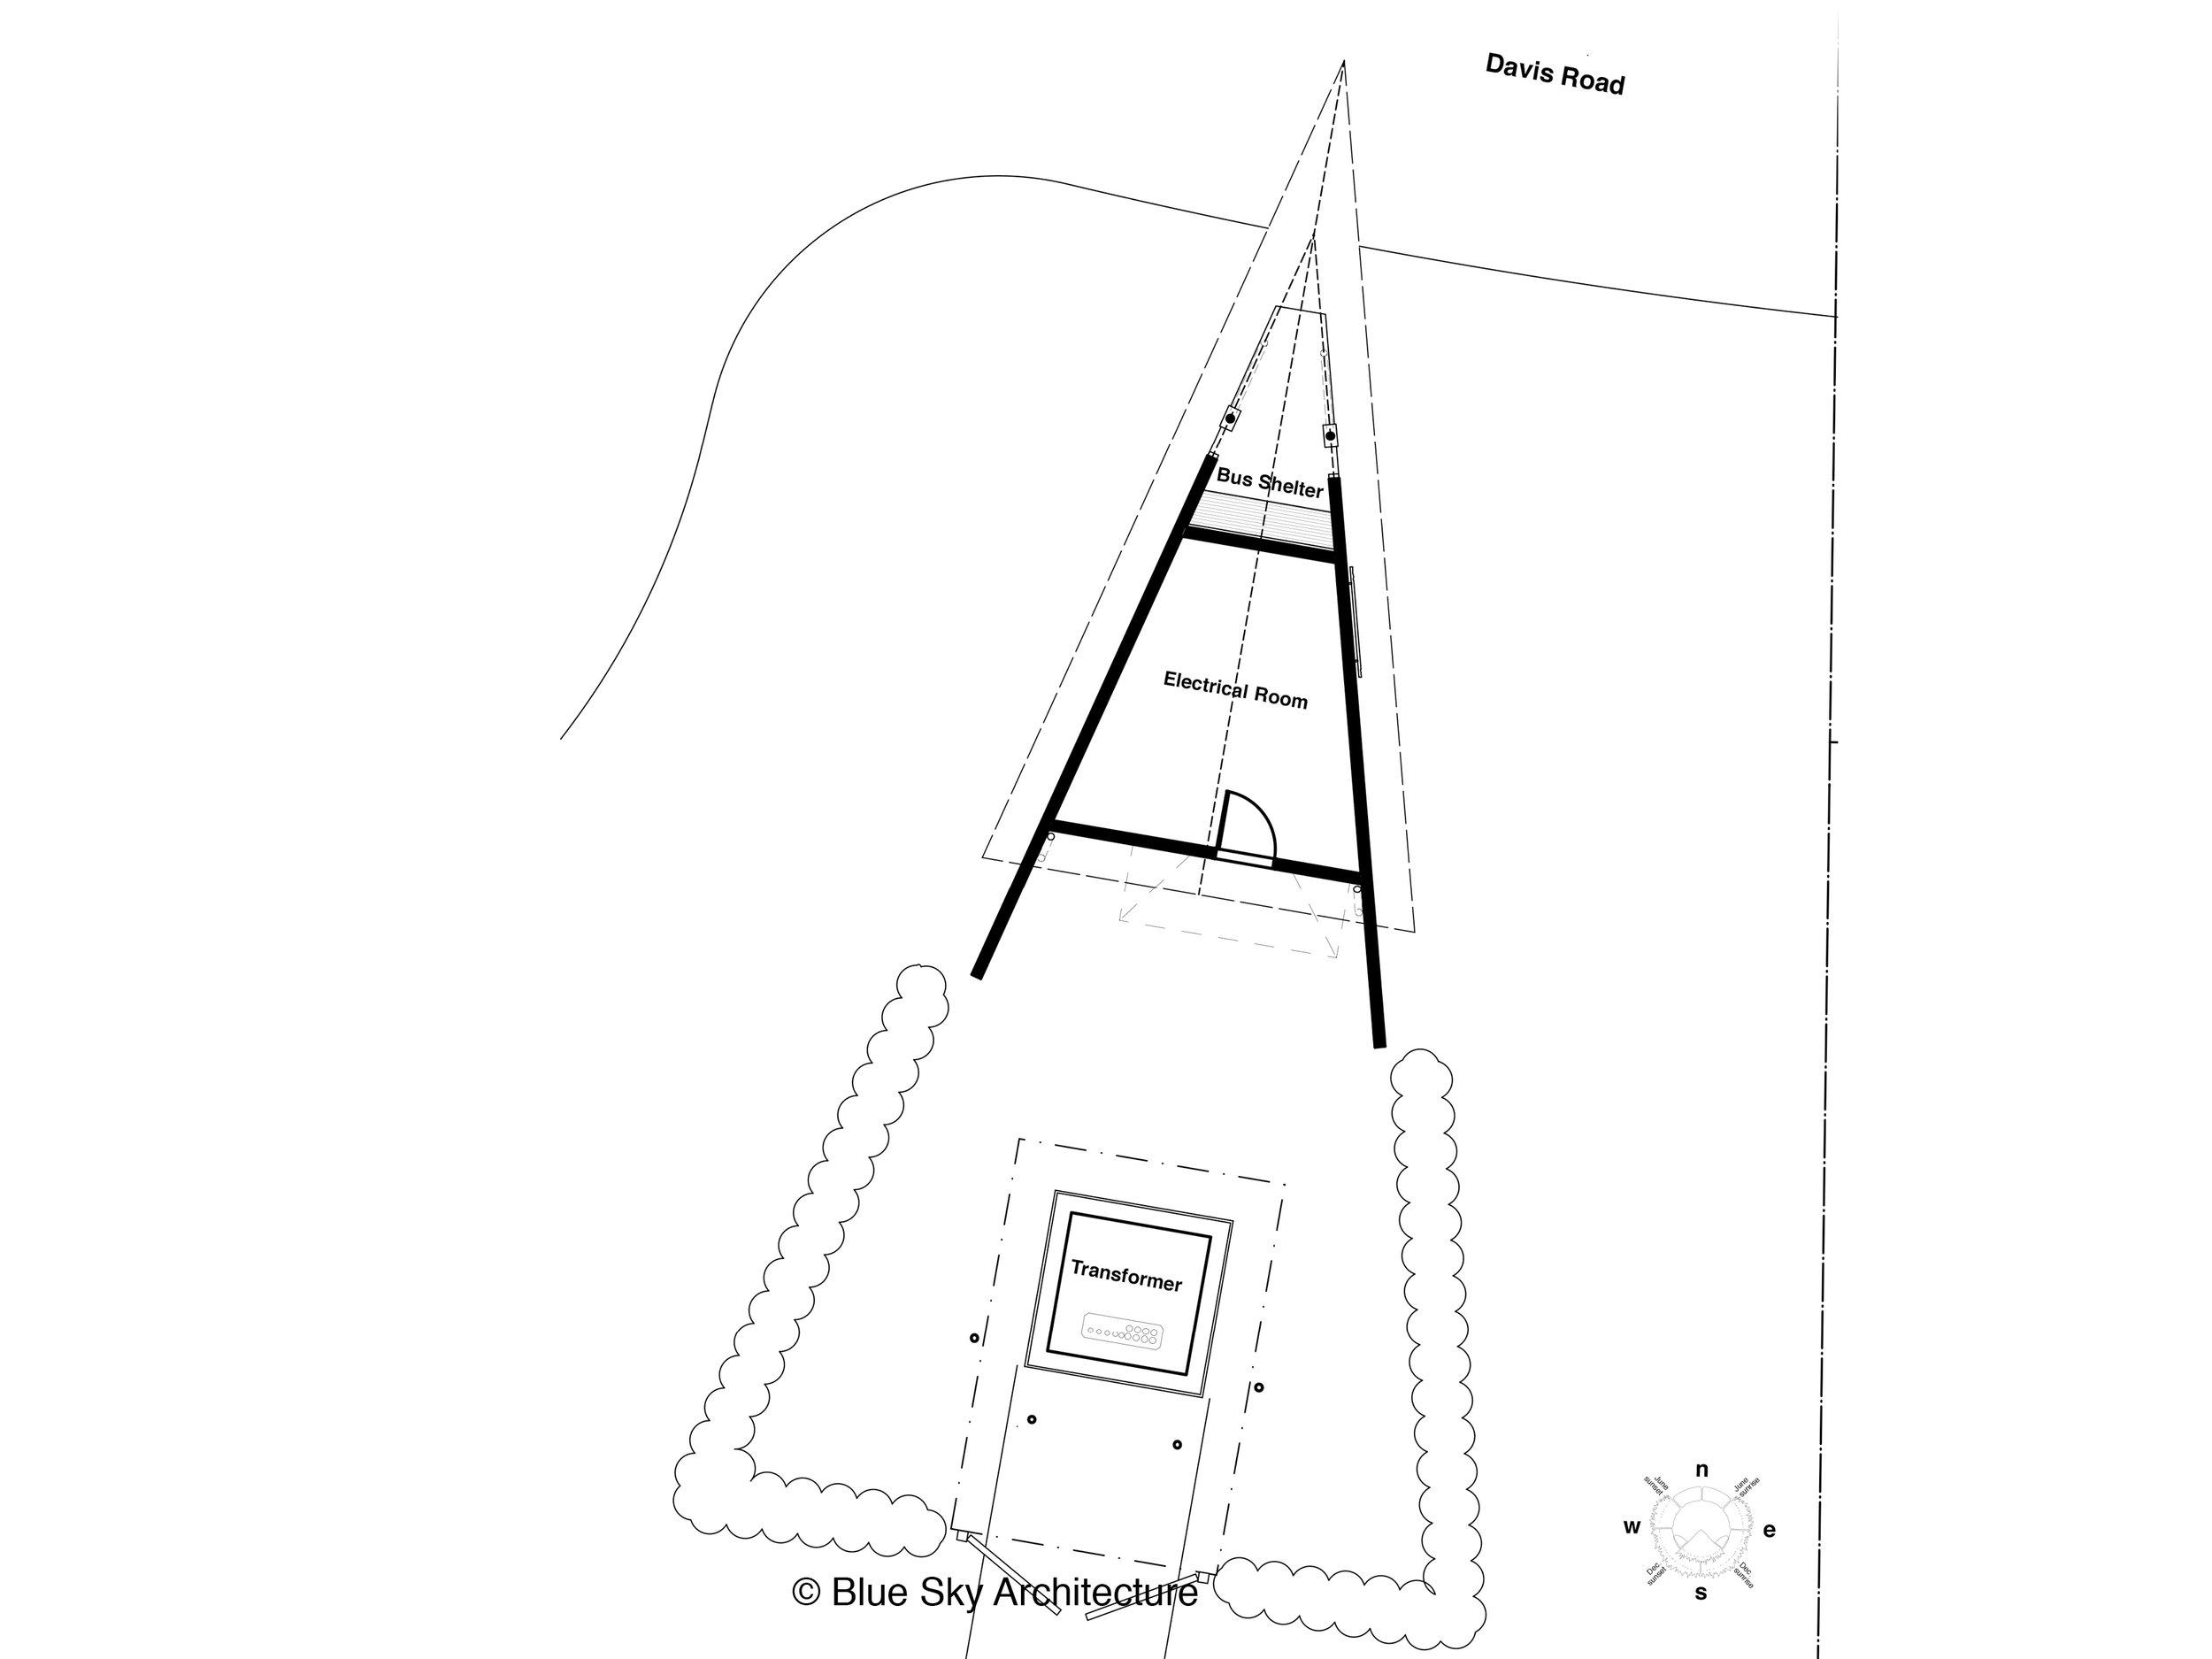 Triangular Gateway Plan View